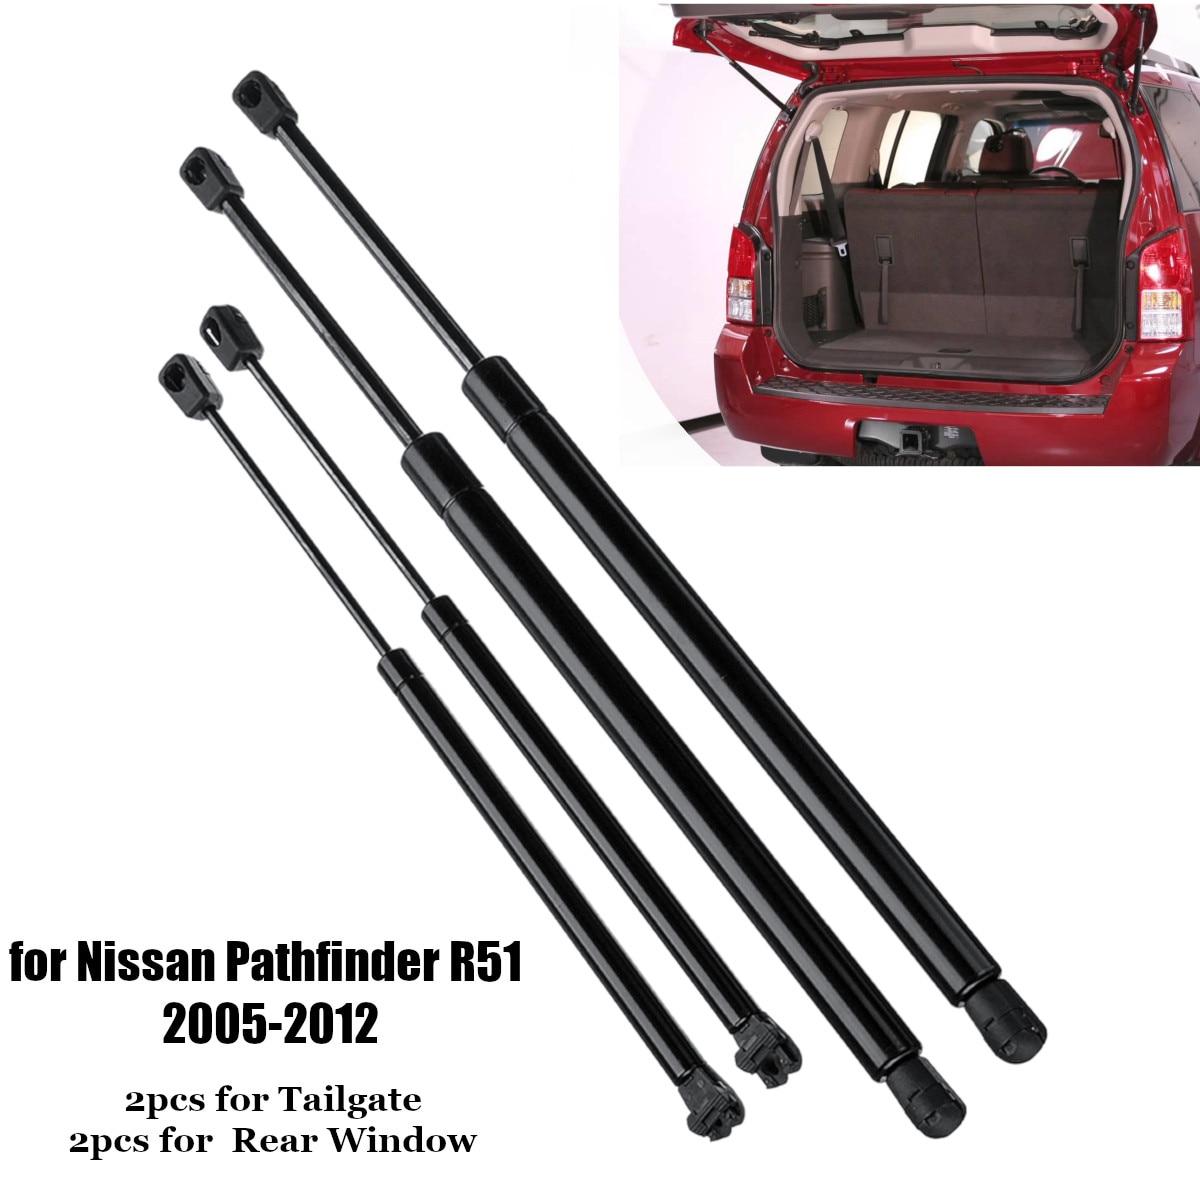 4X Hinten Fenster Heckklappe Boot Gas Frühling Streben Strut Unterstützung Stange Arm Bars Für Nissan Pathfinder R51 2005 2006 2007 2008-2012